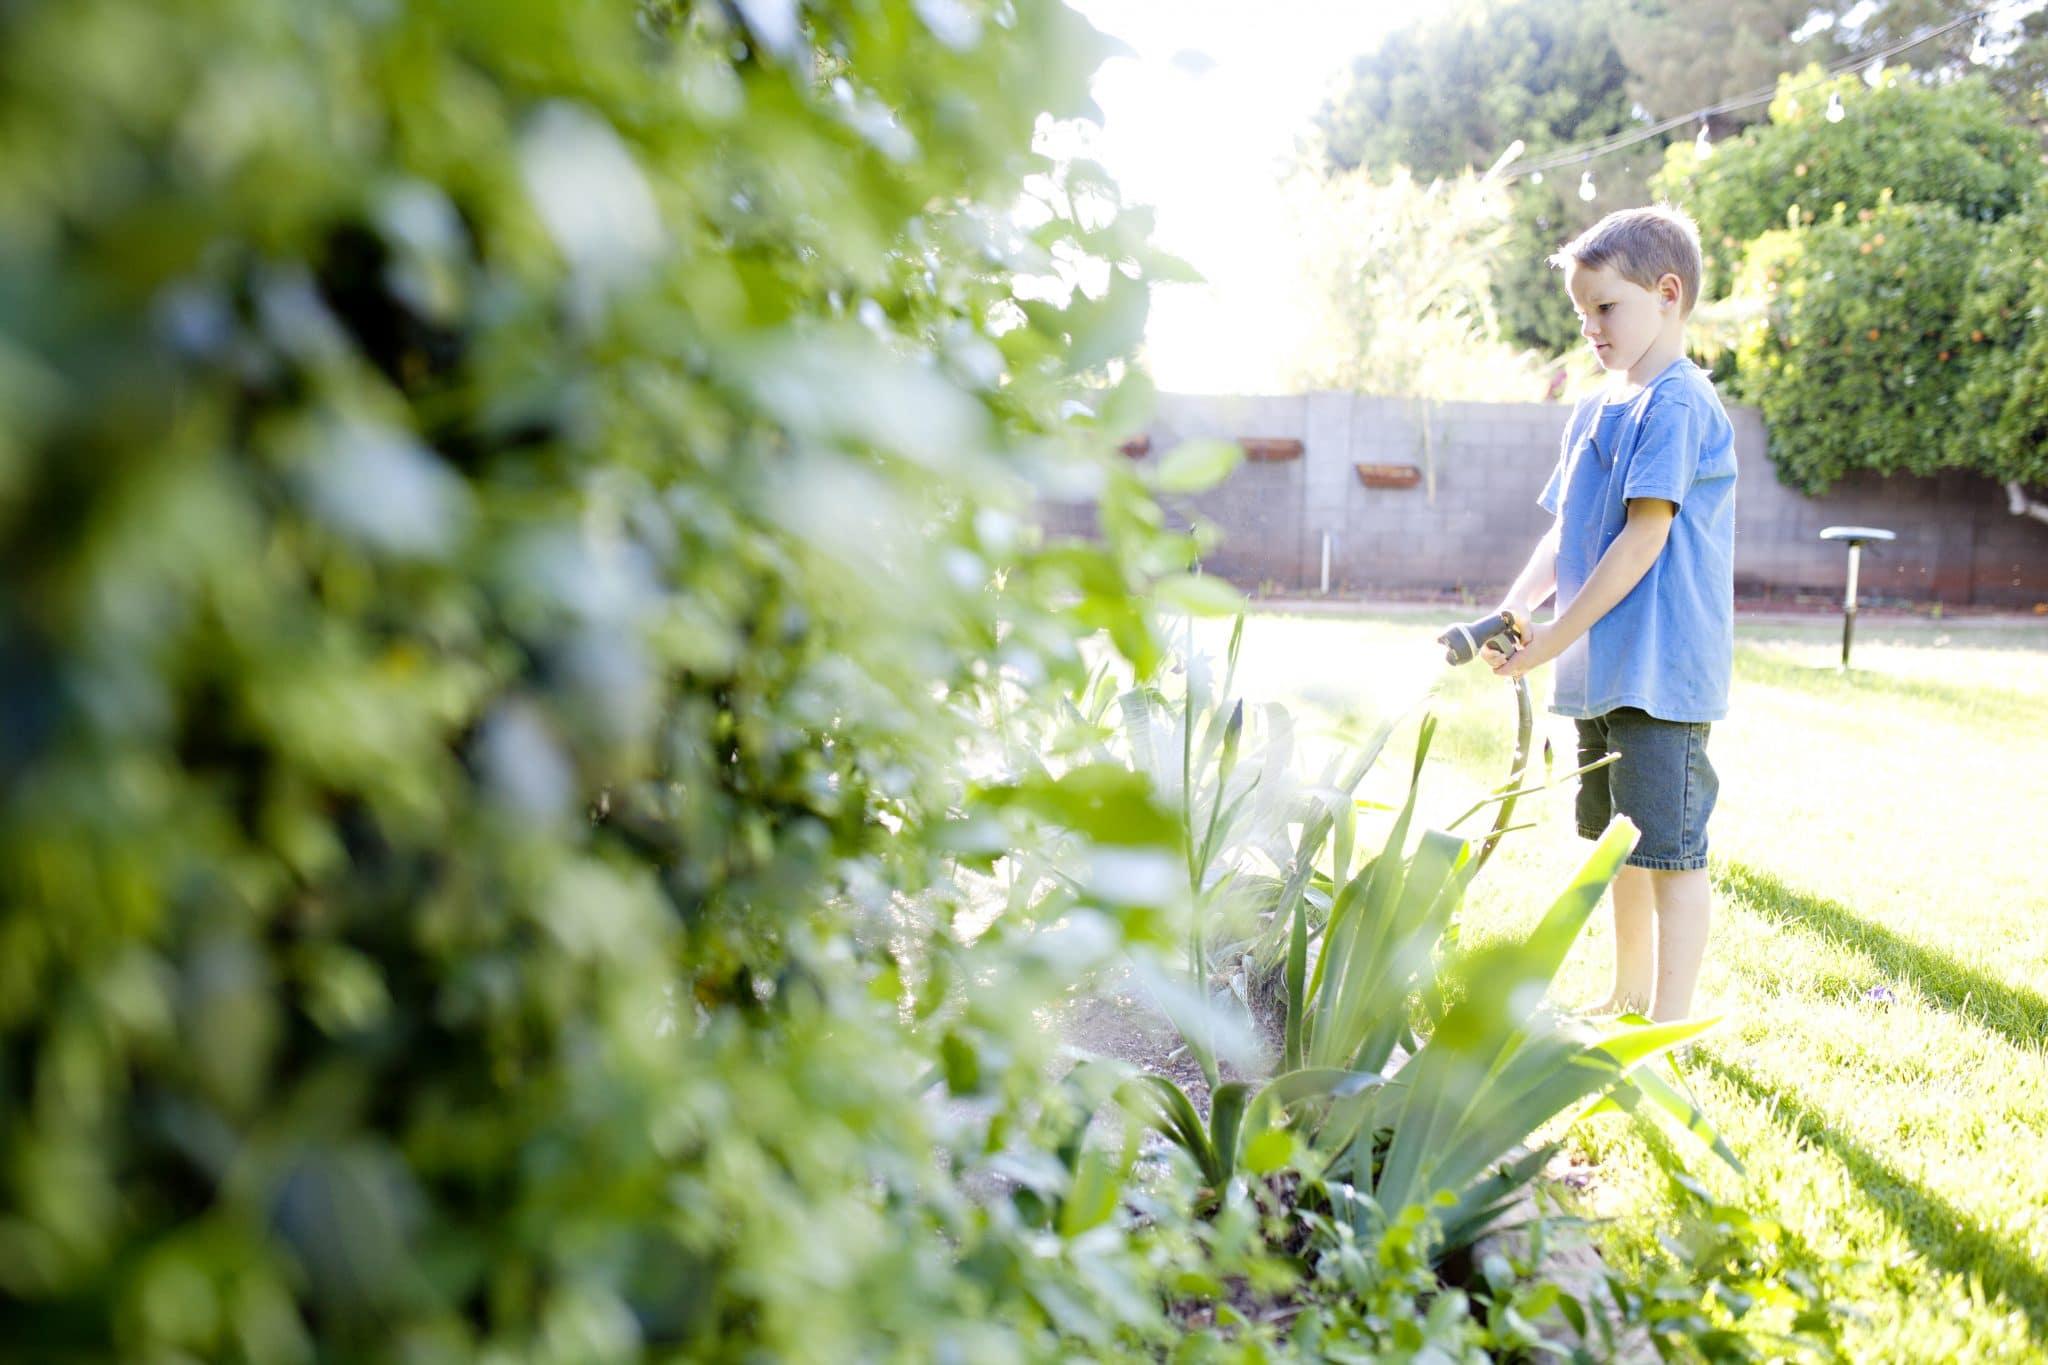 Comment bien entretenir son jardin toute l'année ?